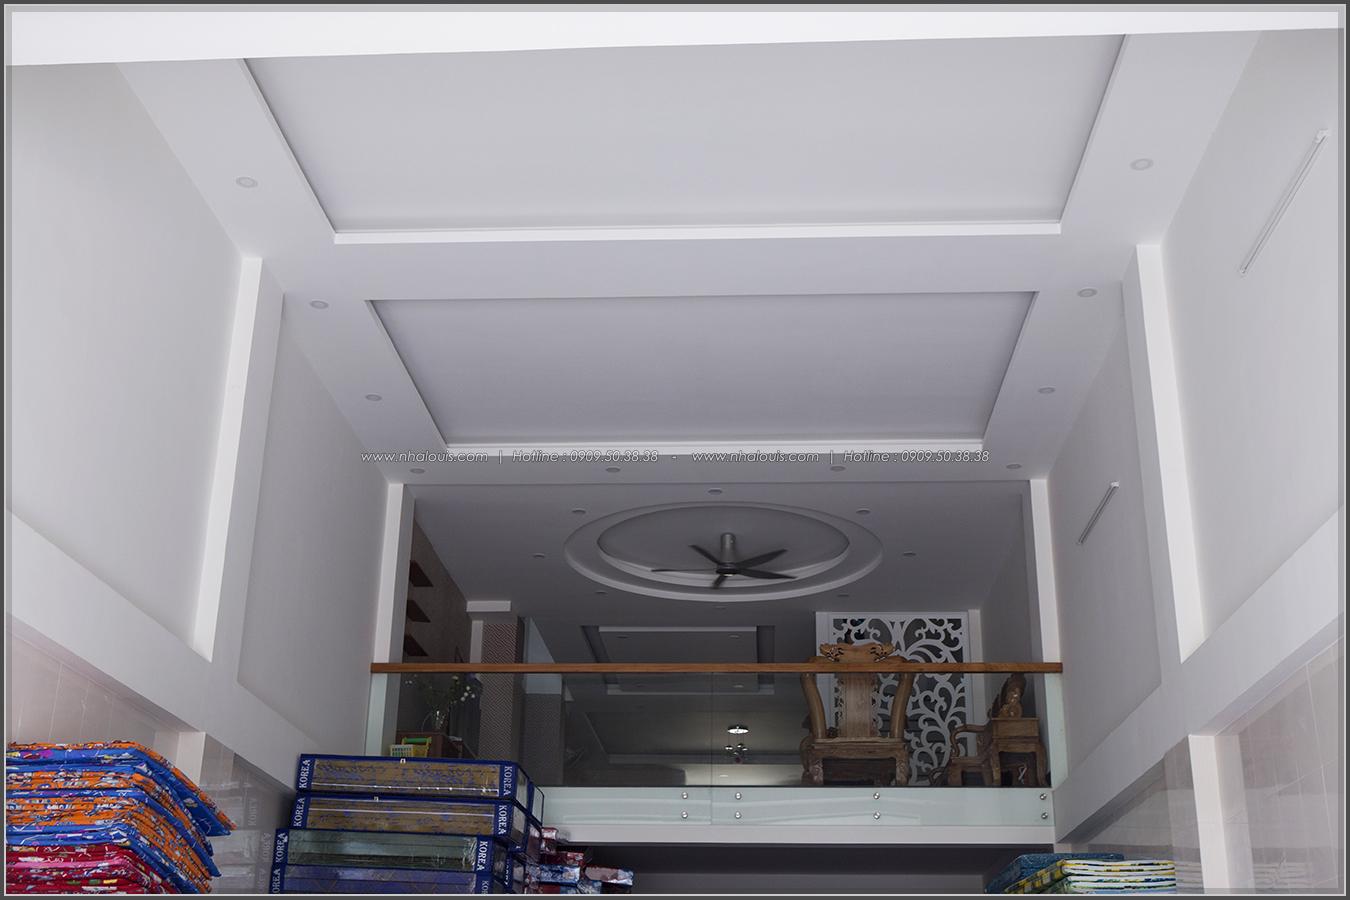 Thi công nhà đẹp 3 tầng mặt tiền 5m kết hợp kinh doanh tại quận 8 - 06